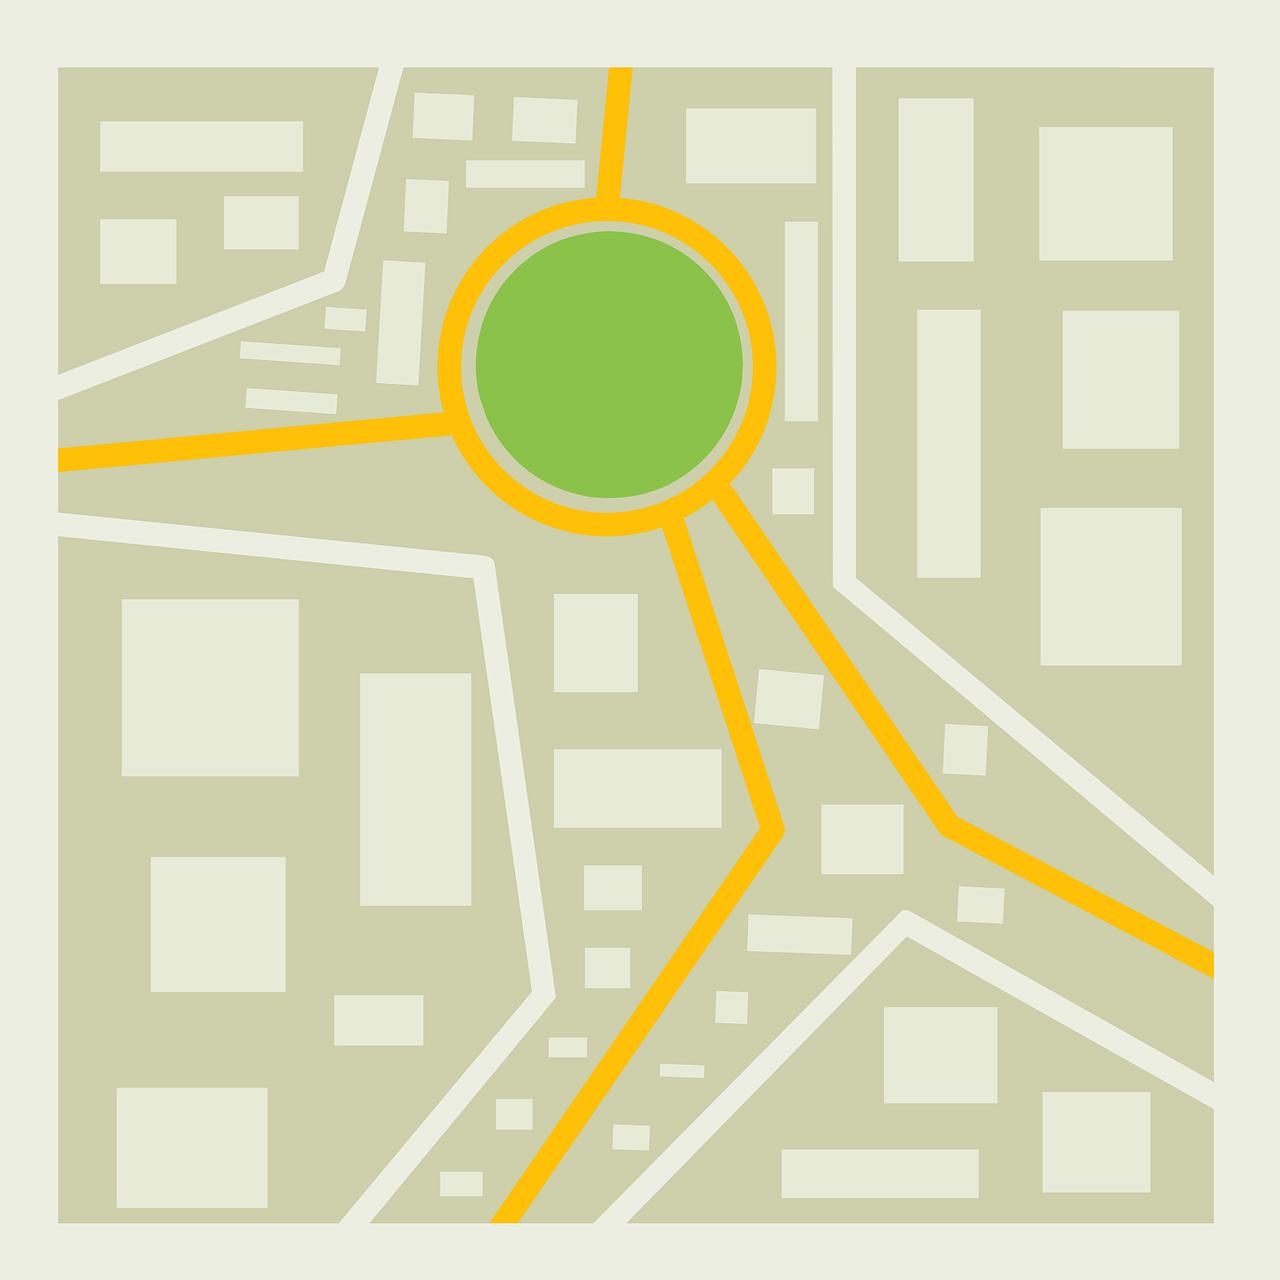 Illustration représentant le plan d'une ville